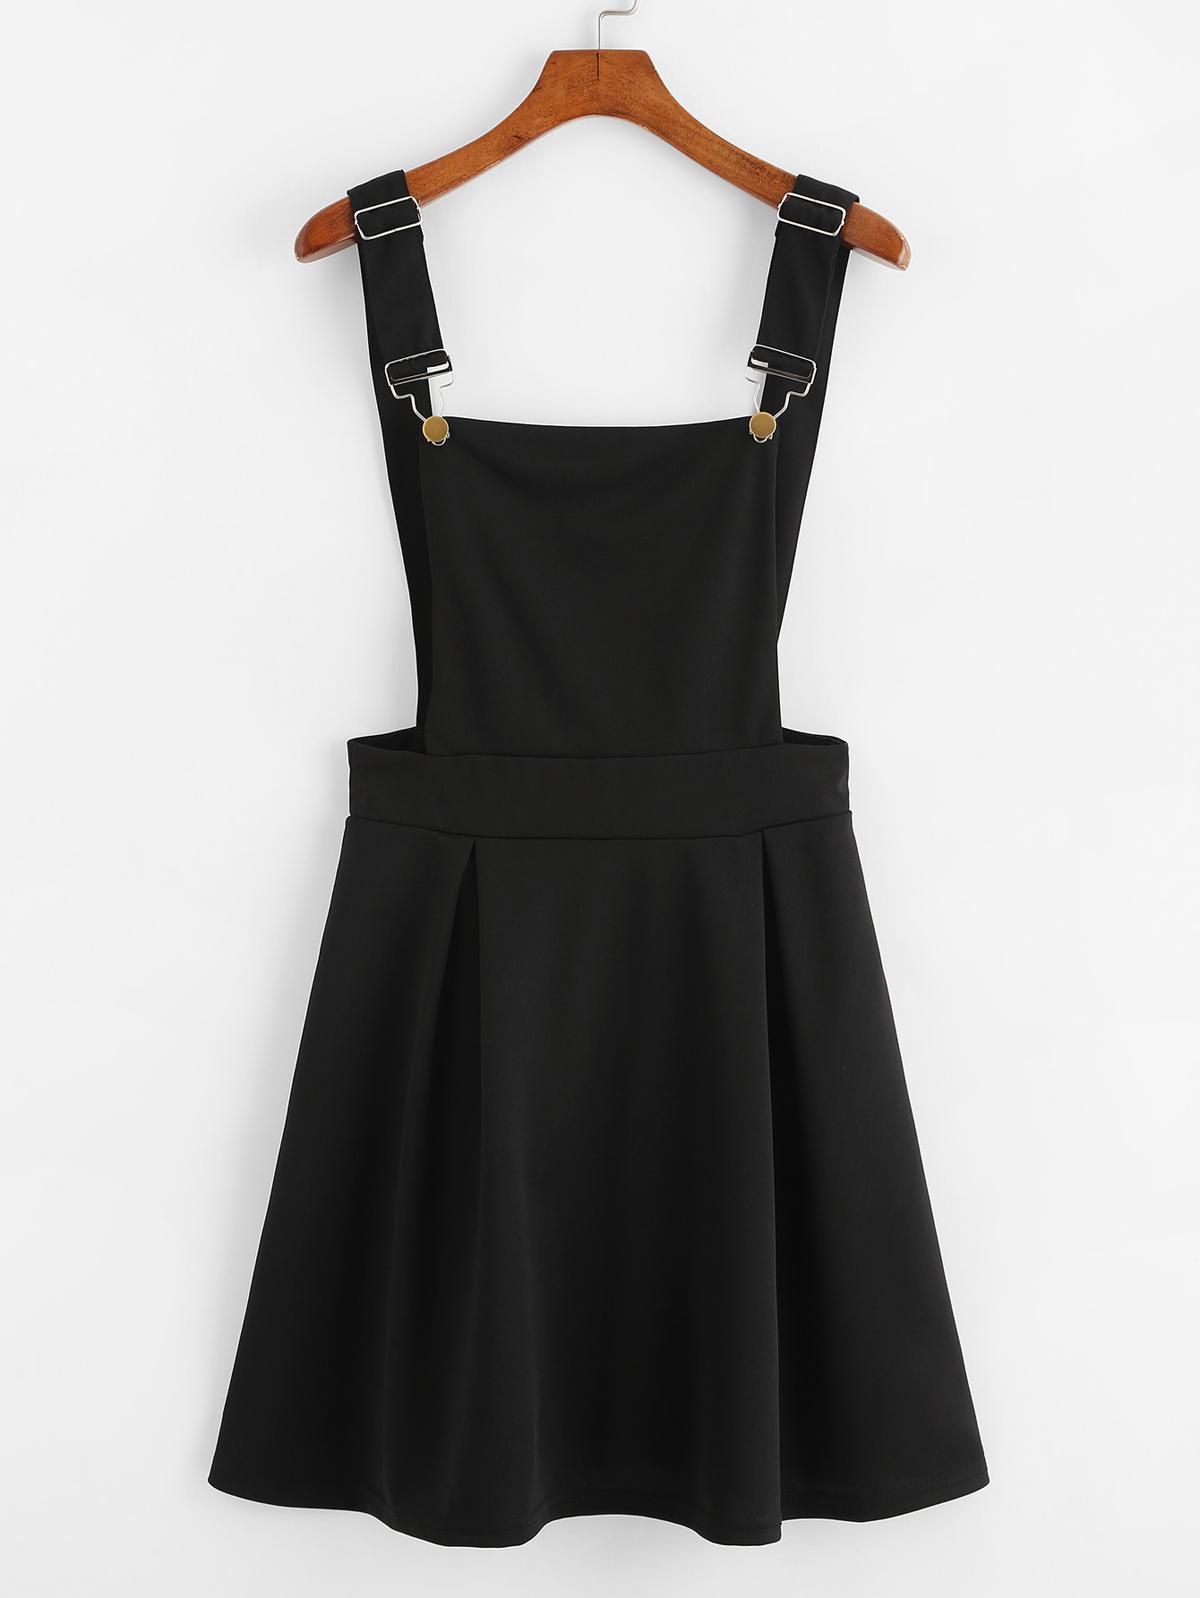 摺邊 拉鏈 背 圍裙 洋裝